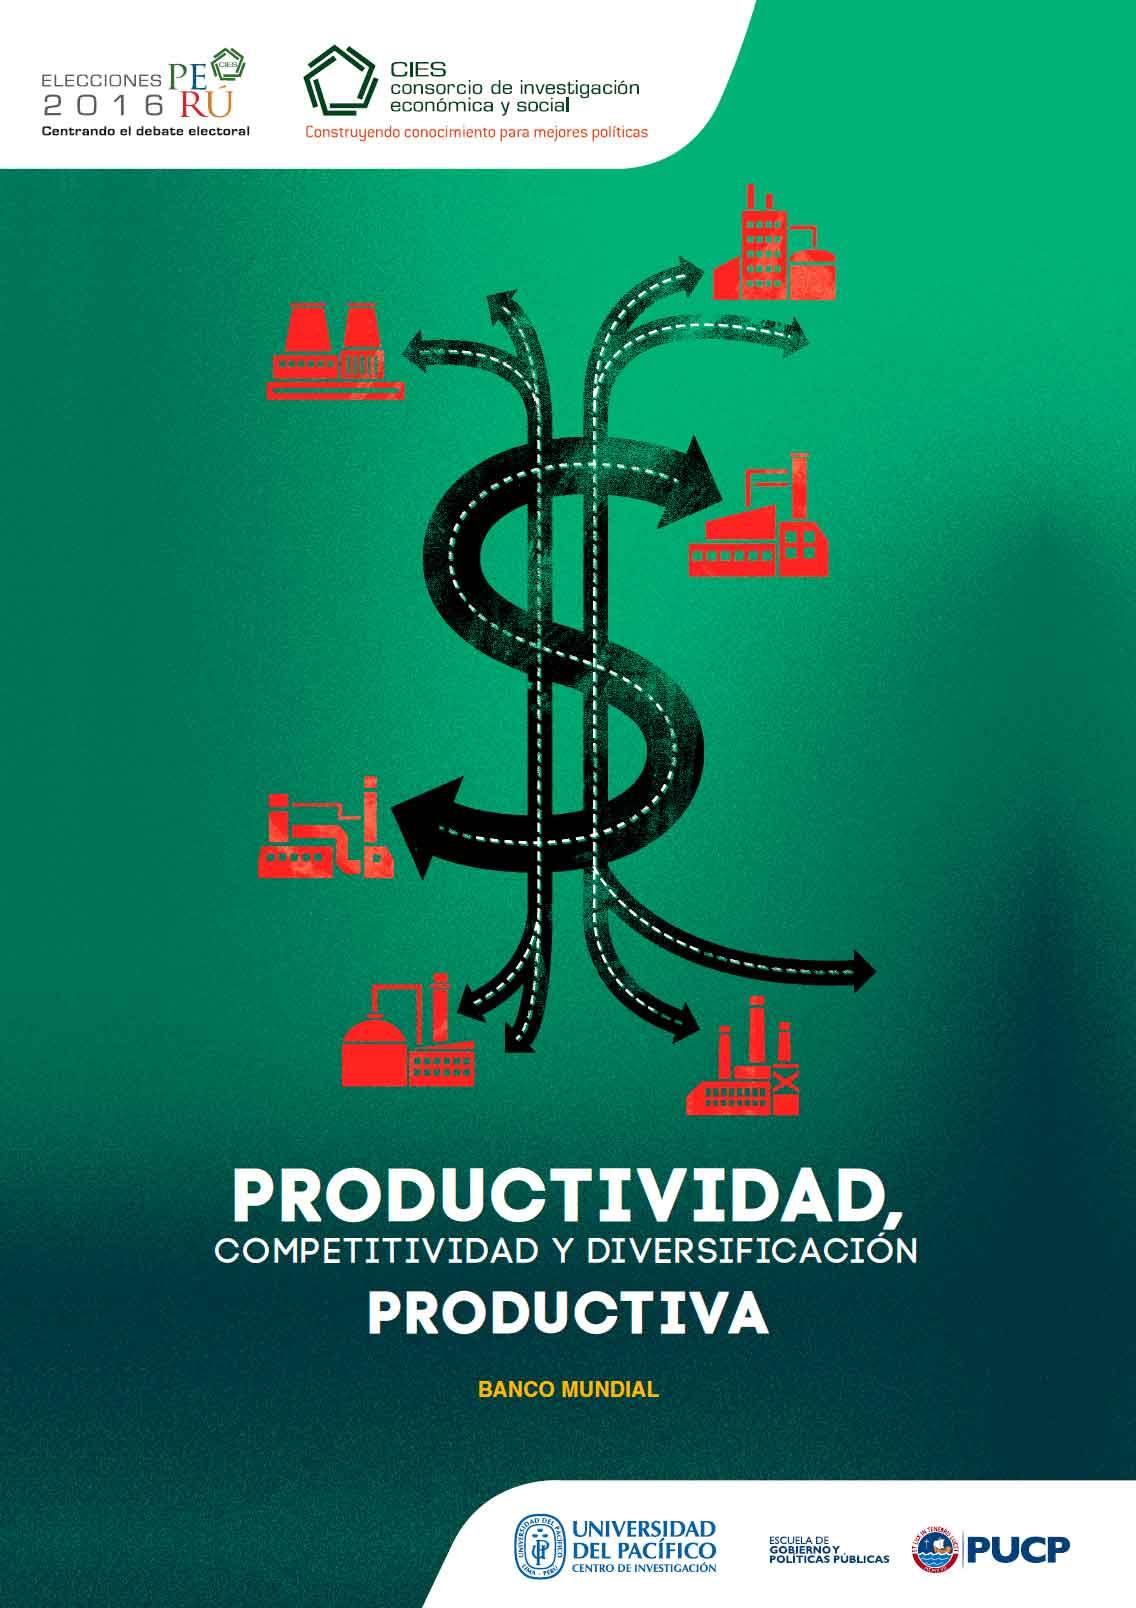 Documento de Política: Productividad, competitividad y diversificación productiva